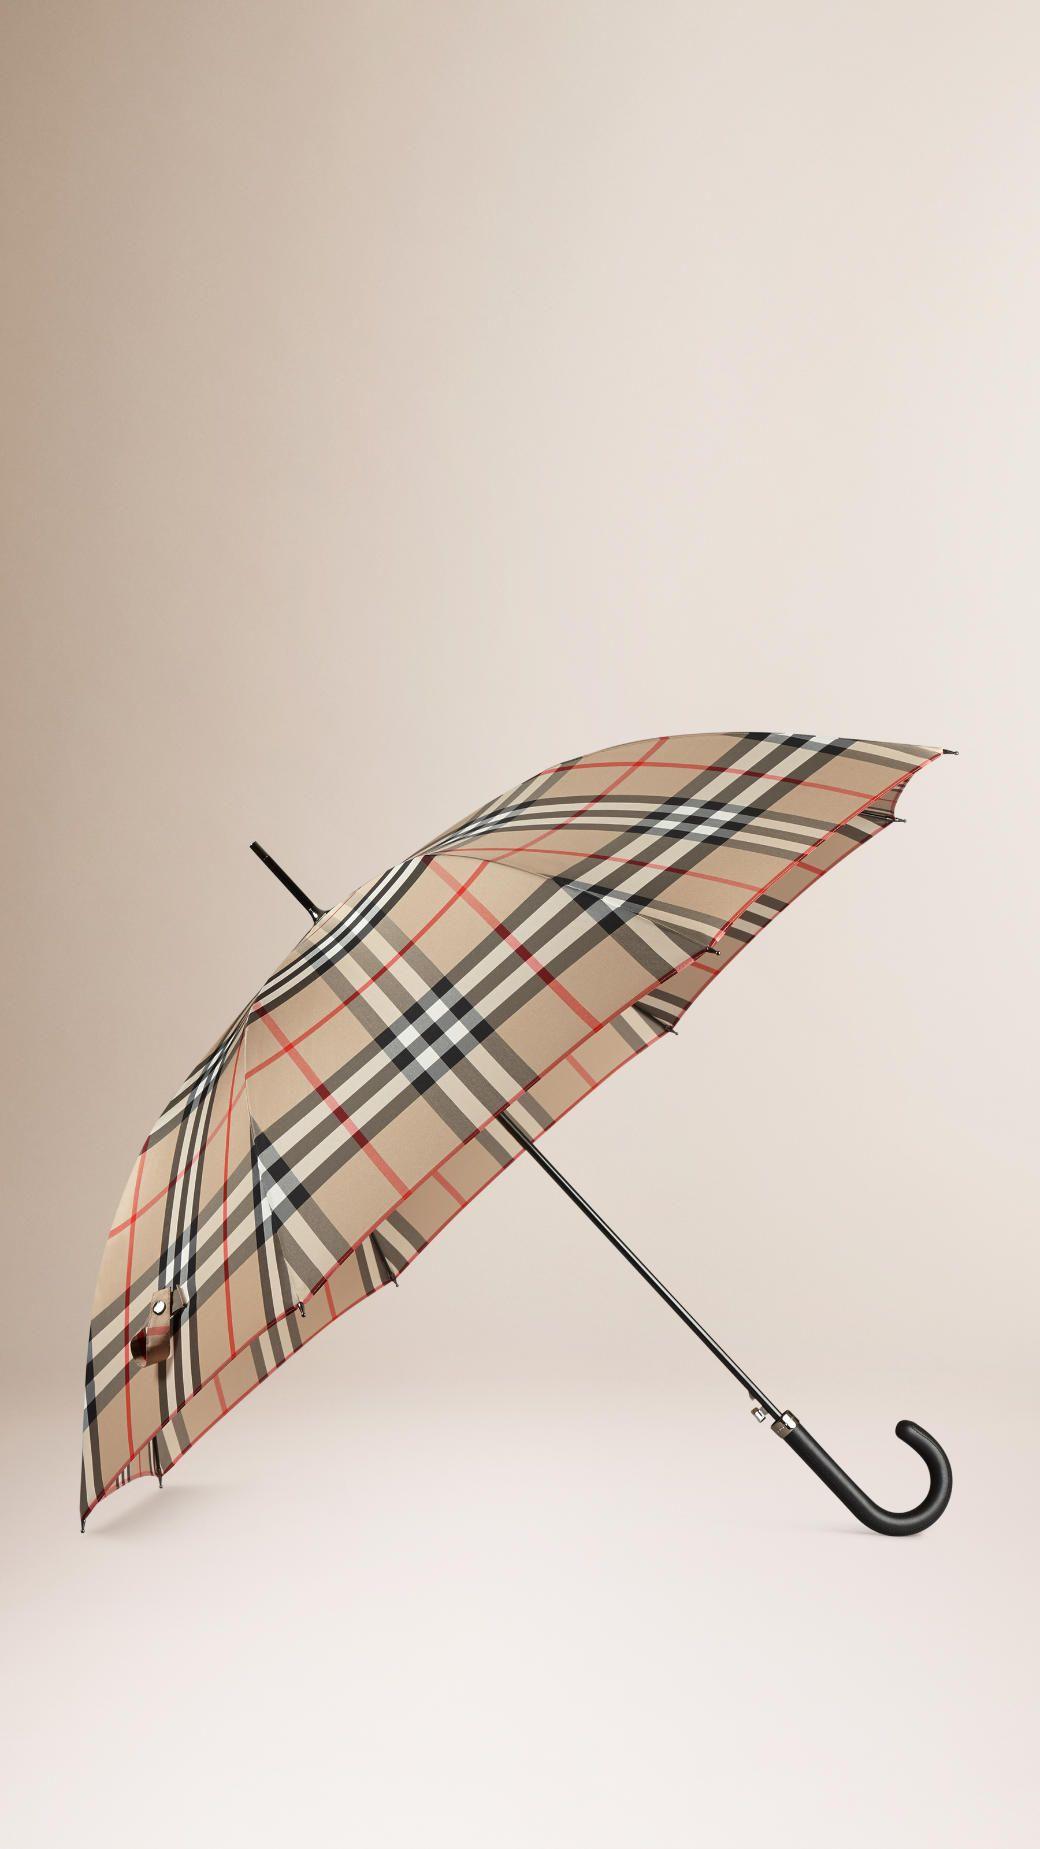 Parapluies pour homme   Burberry   LUXE   Automne hiver 2015 ... b8aaea7f33a